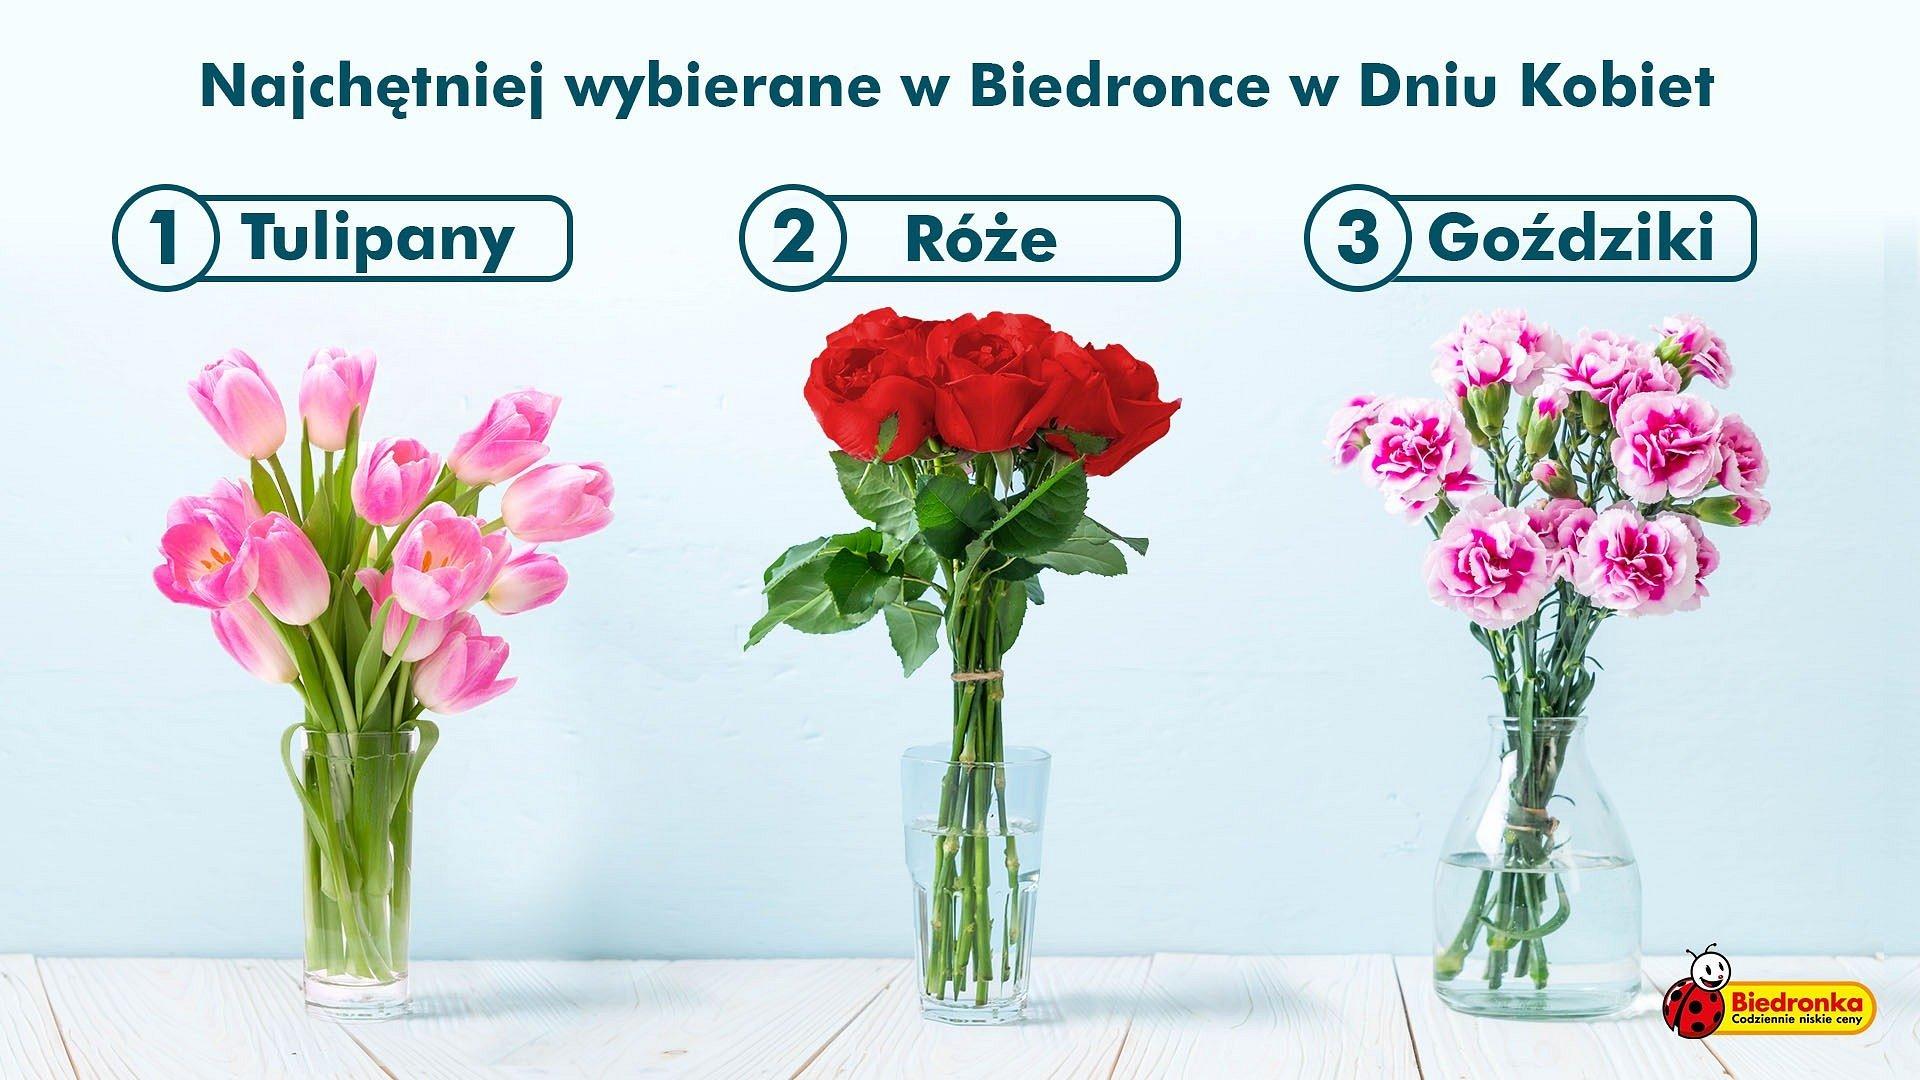 Dzień Kobiet usłany kwiatami – najchętniej kupowane prezenty w Biedronce